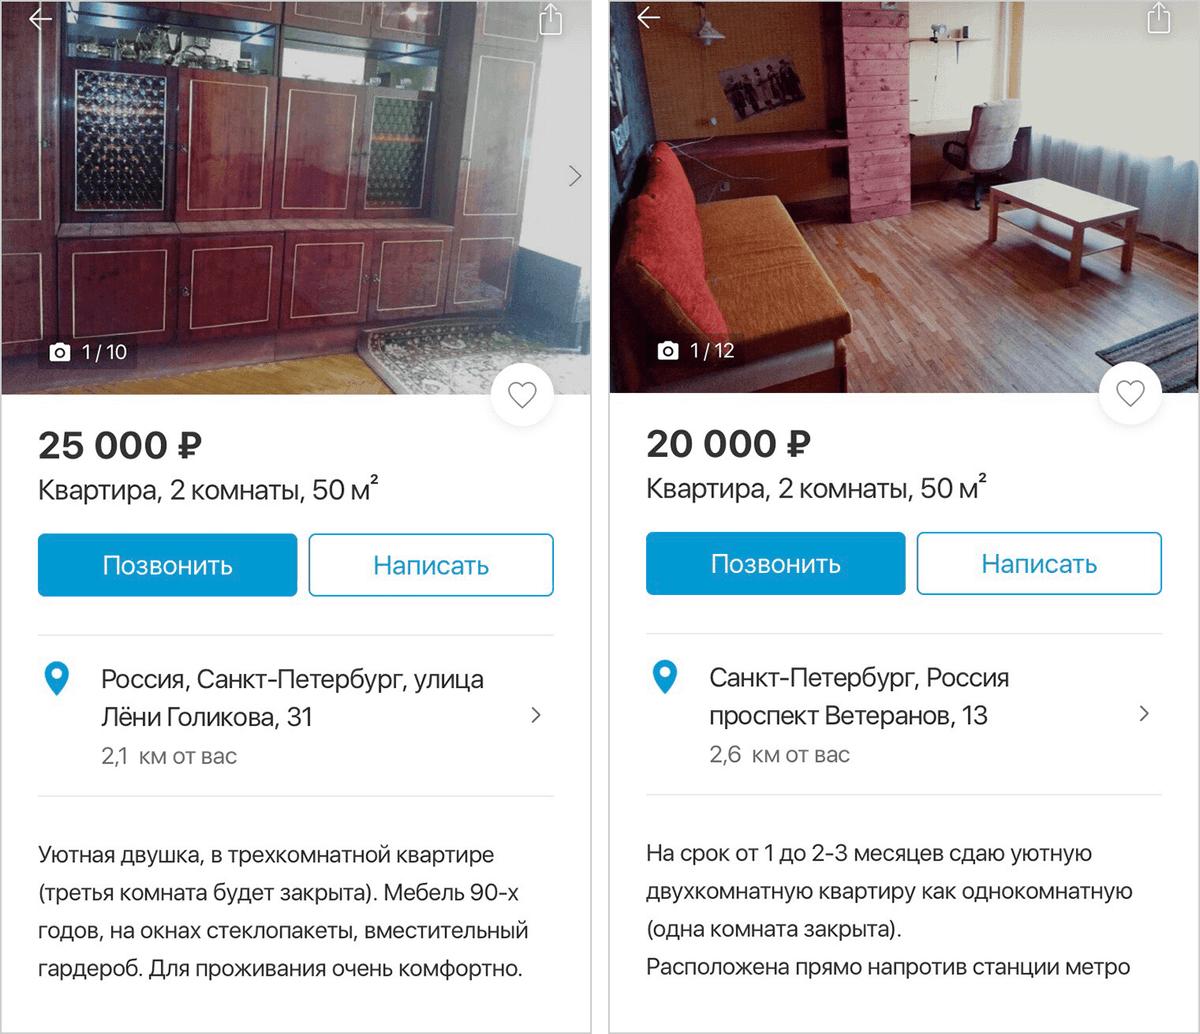 Примеры объявлений, где наймодатели написали о закрытых комнатах